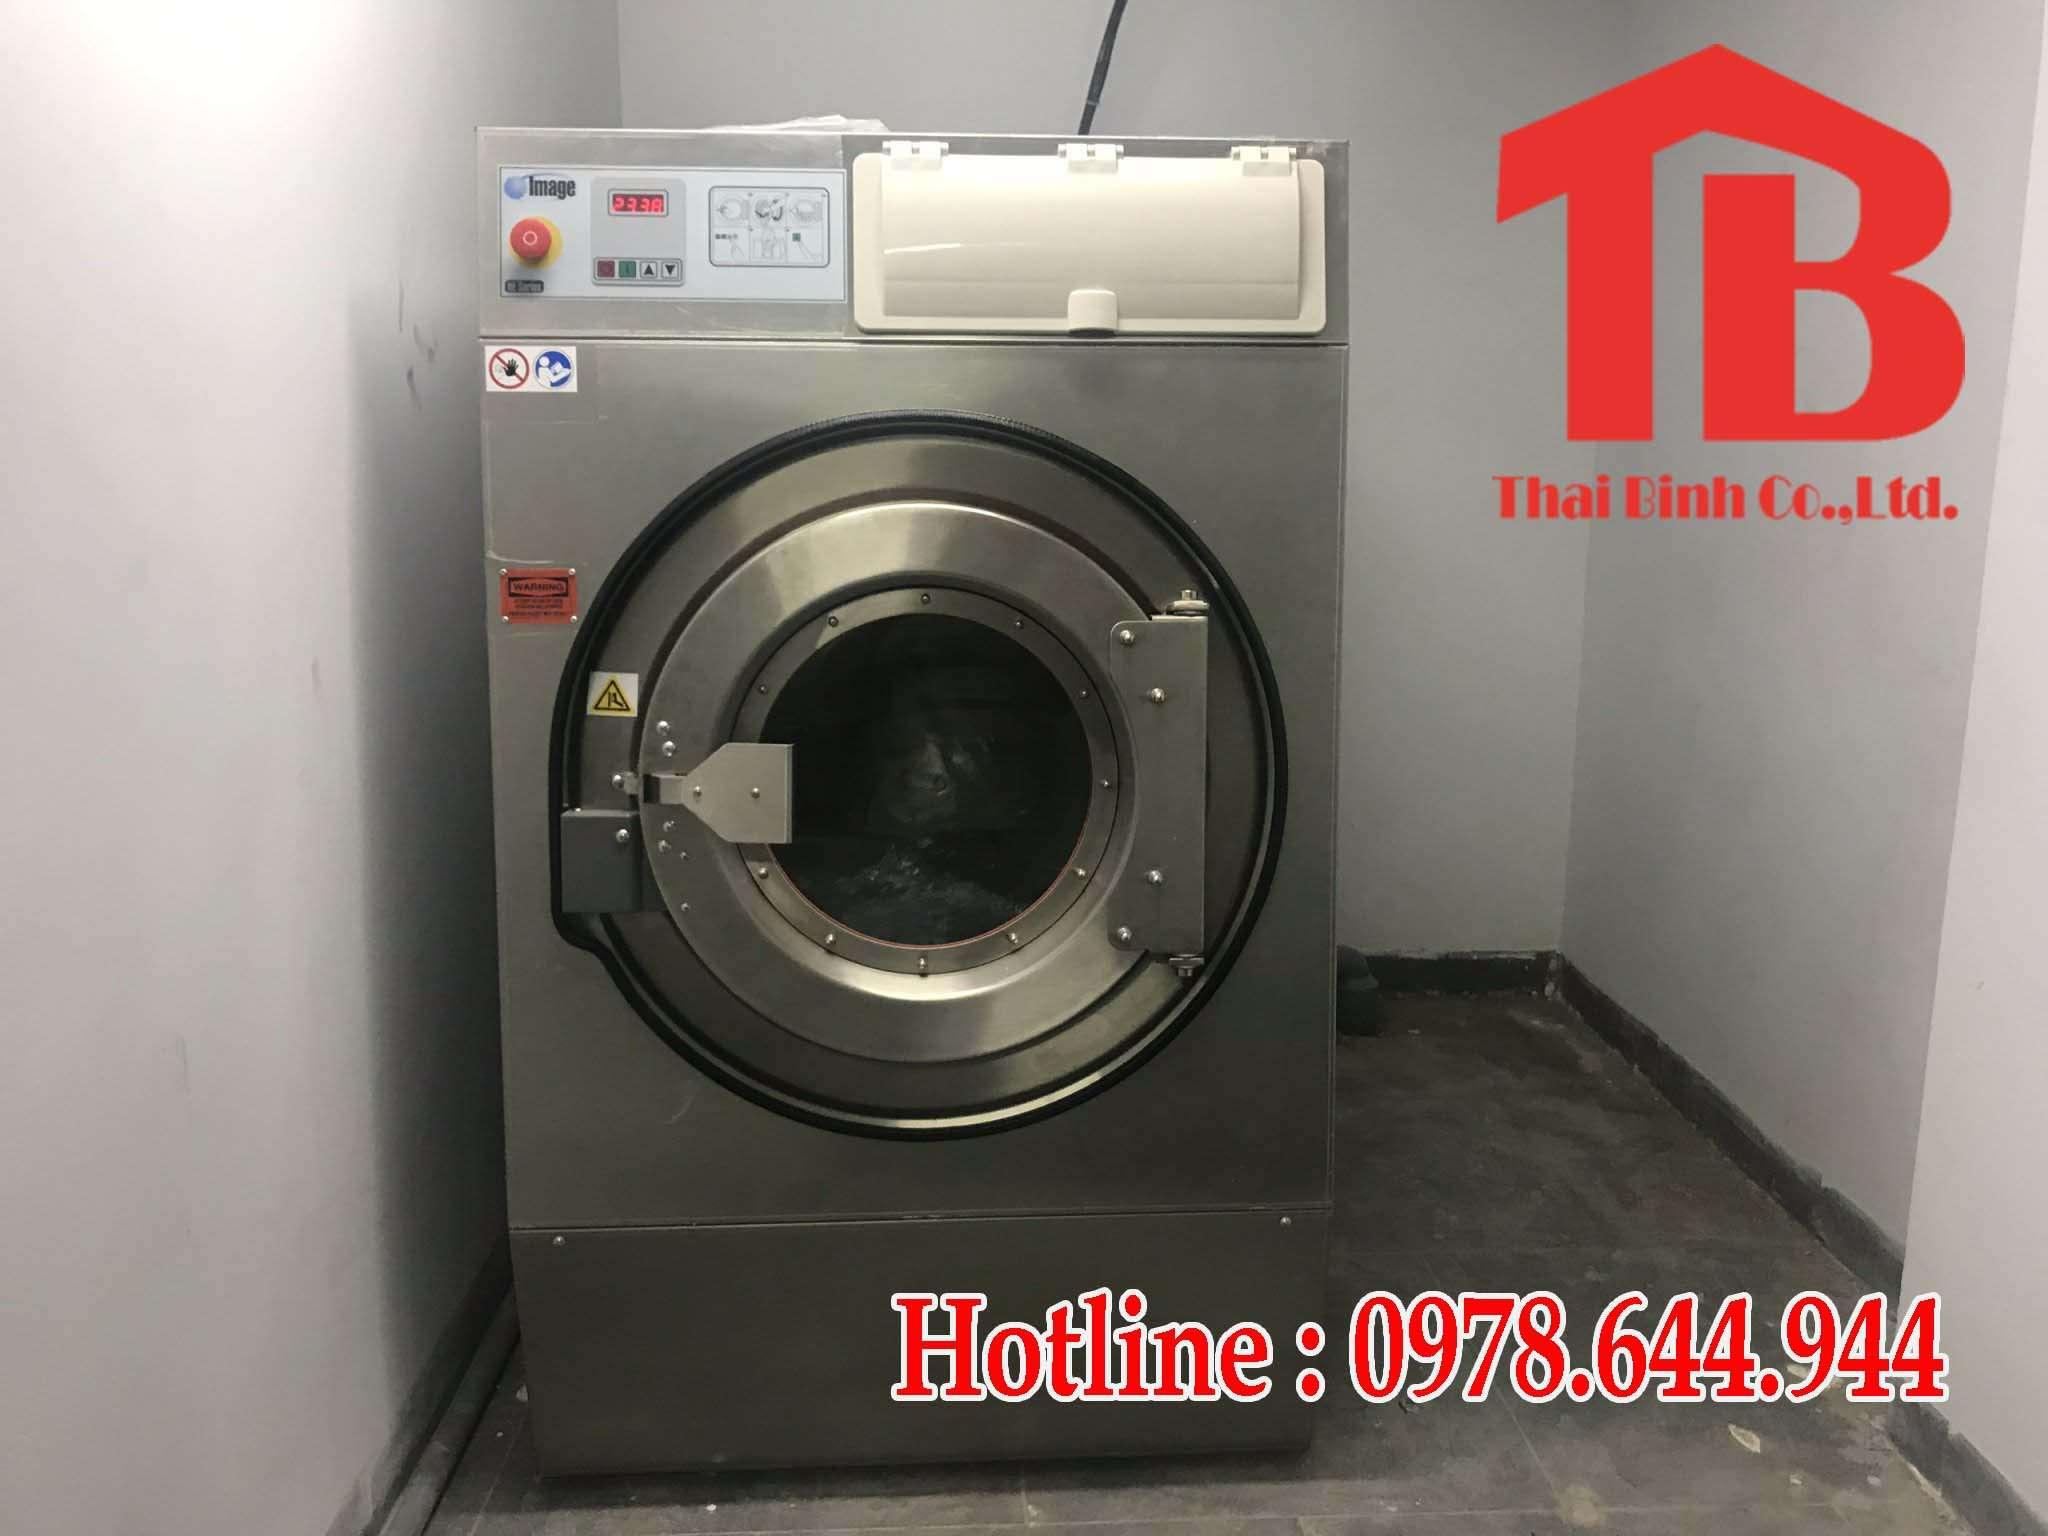 lắp đặt hệ thống giặt là cho khách sạn